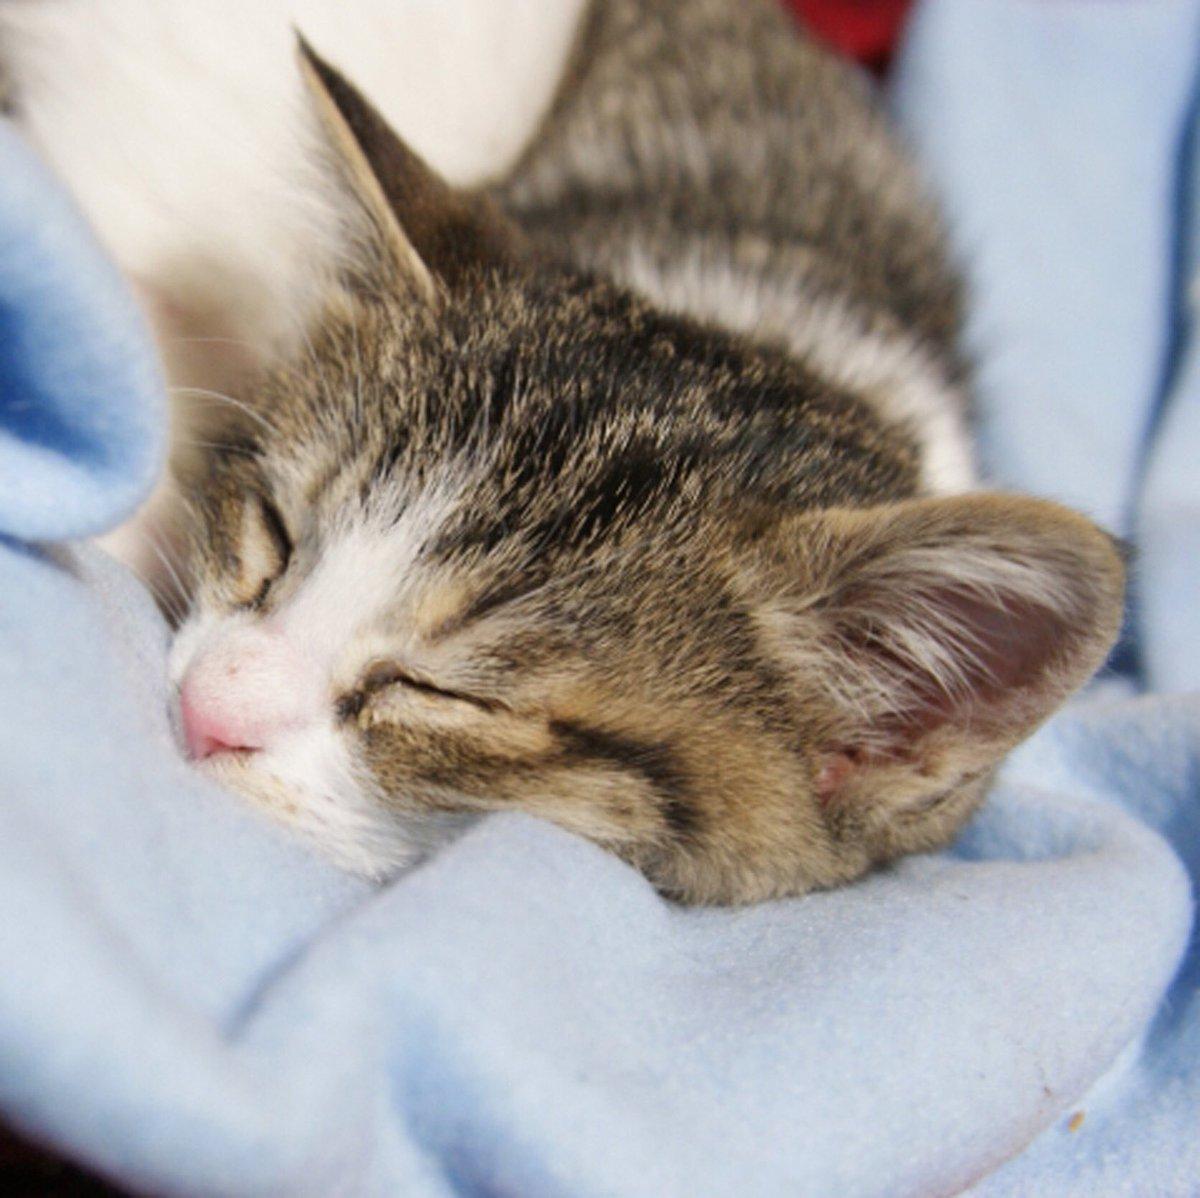 かわいいにゃんこ♪ #ハニーペット #HONEYPET #honeypet #猫 #ねこ #ねこ部 #にゃんすたぐらむ #にゃんこ #子猫 #ネコ #ねこのいる生活 #ねこのきもち #ねこのいる暮らし #kitty #catstagram #petstagram #instacat #meow #instagood #follow #followme https://t.co/kUkzeendQO